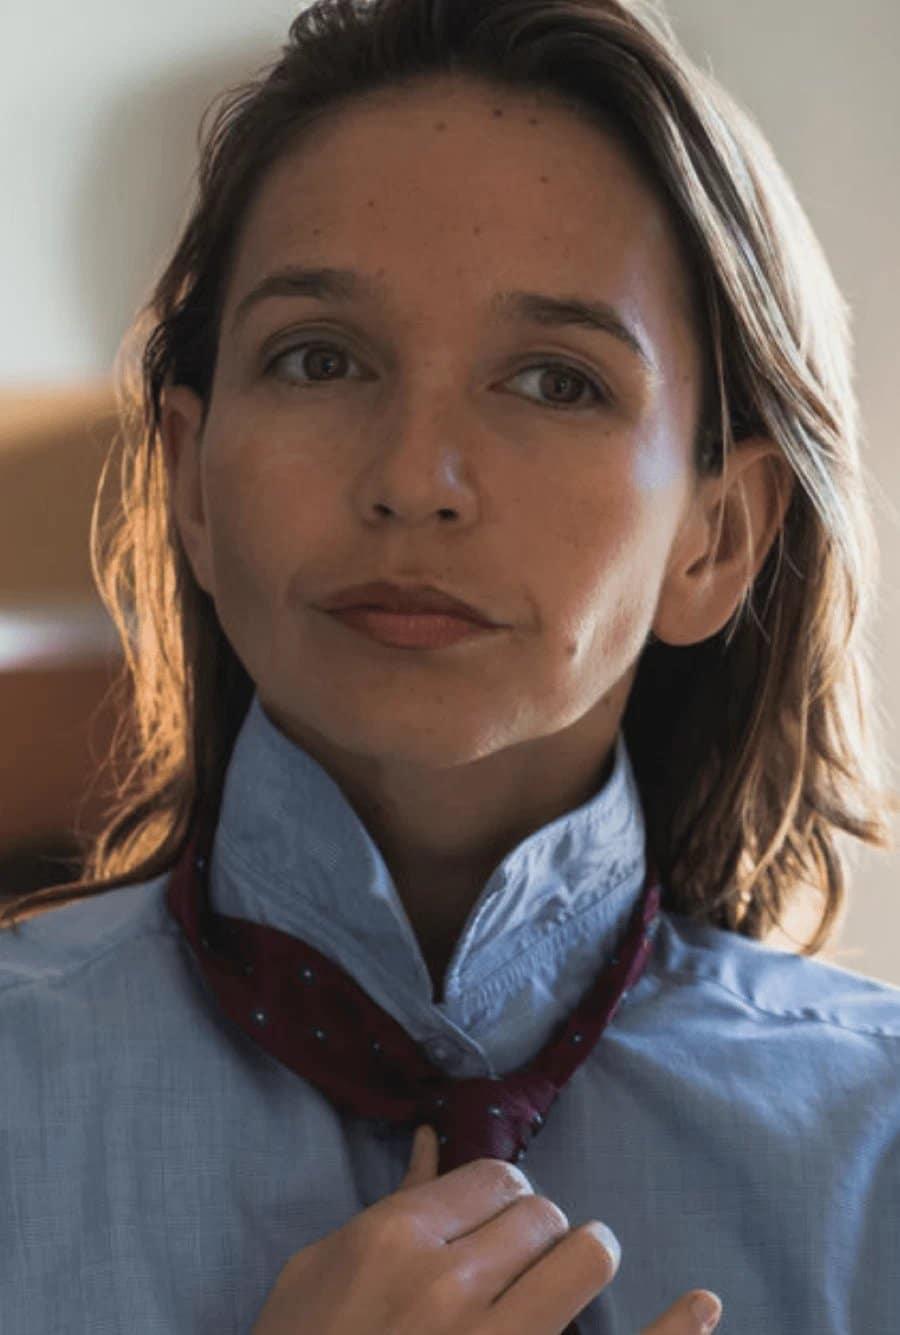 Eine Schrotthändlerin bindet sich eine Krawatte